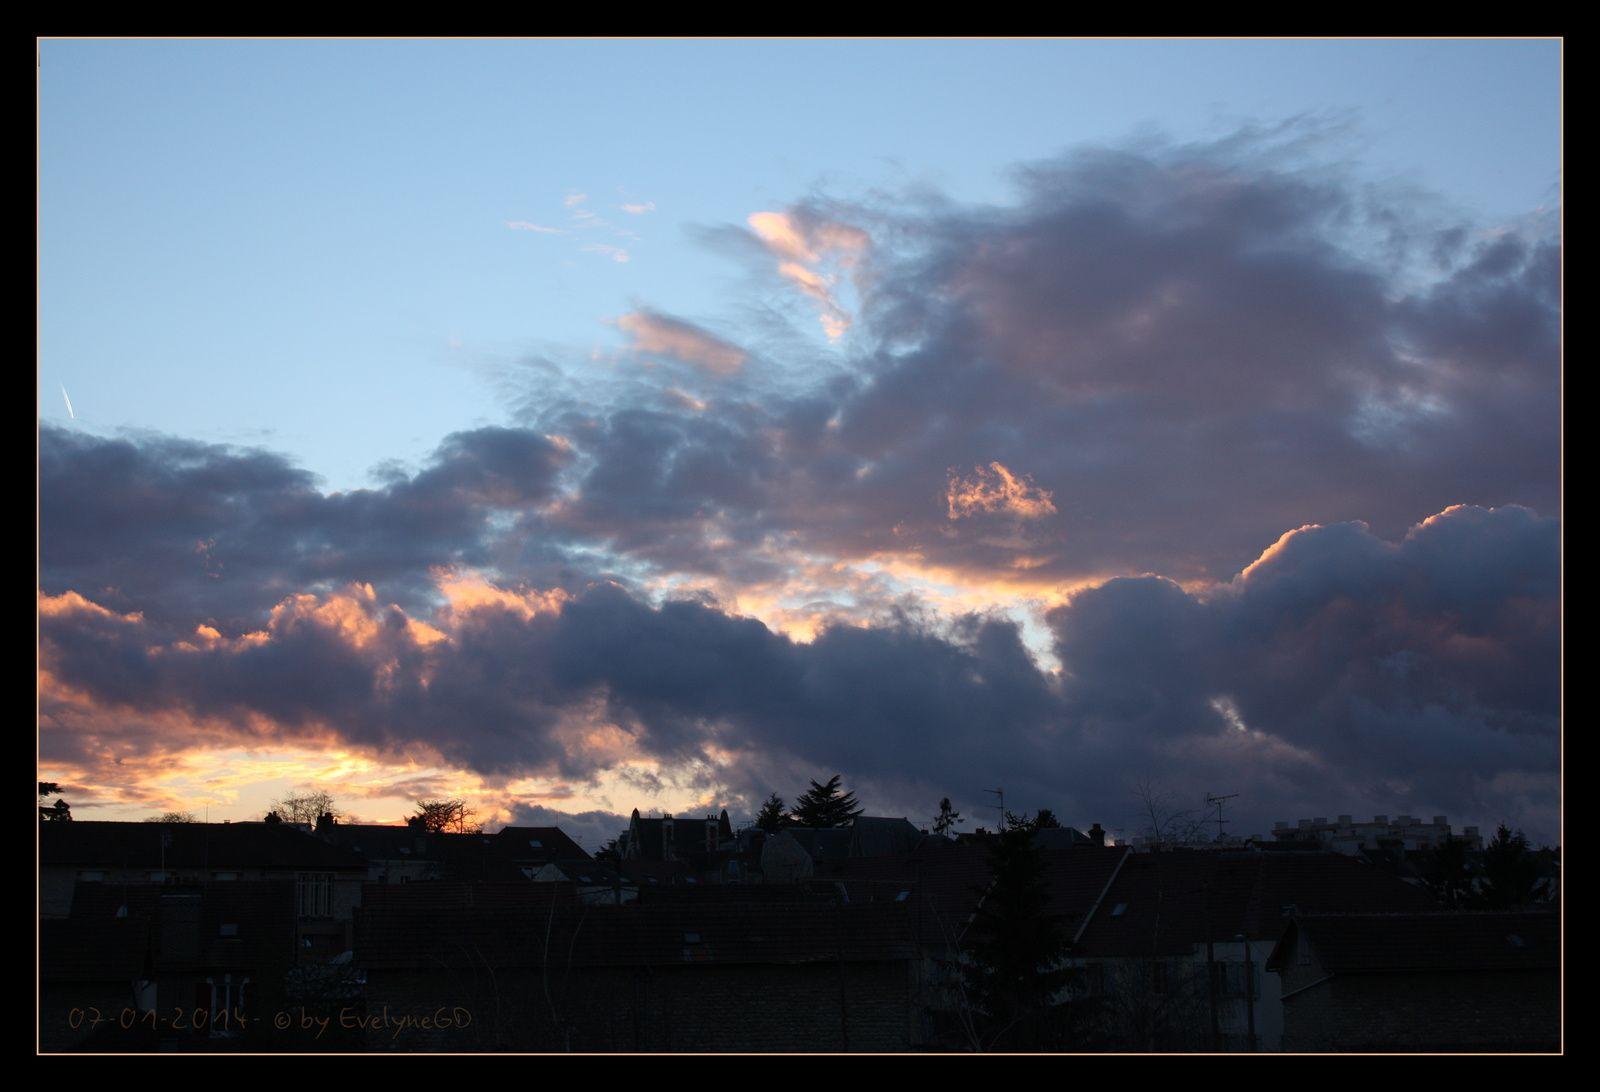 En 2014.. toujours de beaux couchers de soleil..